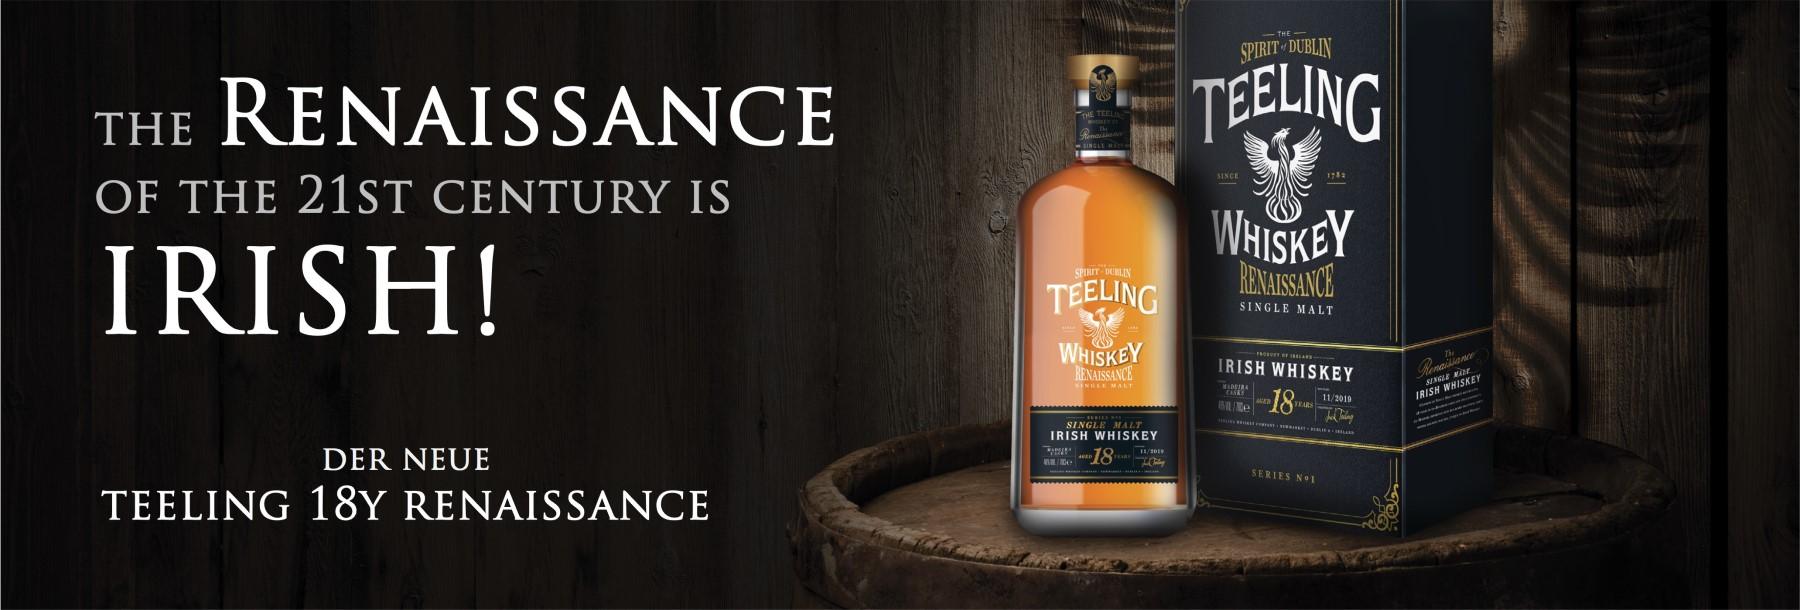 teeling-renaissance-18-year-old-madiera-cask-finish-single-malt-irish-whiskey